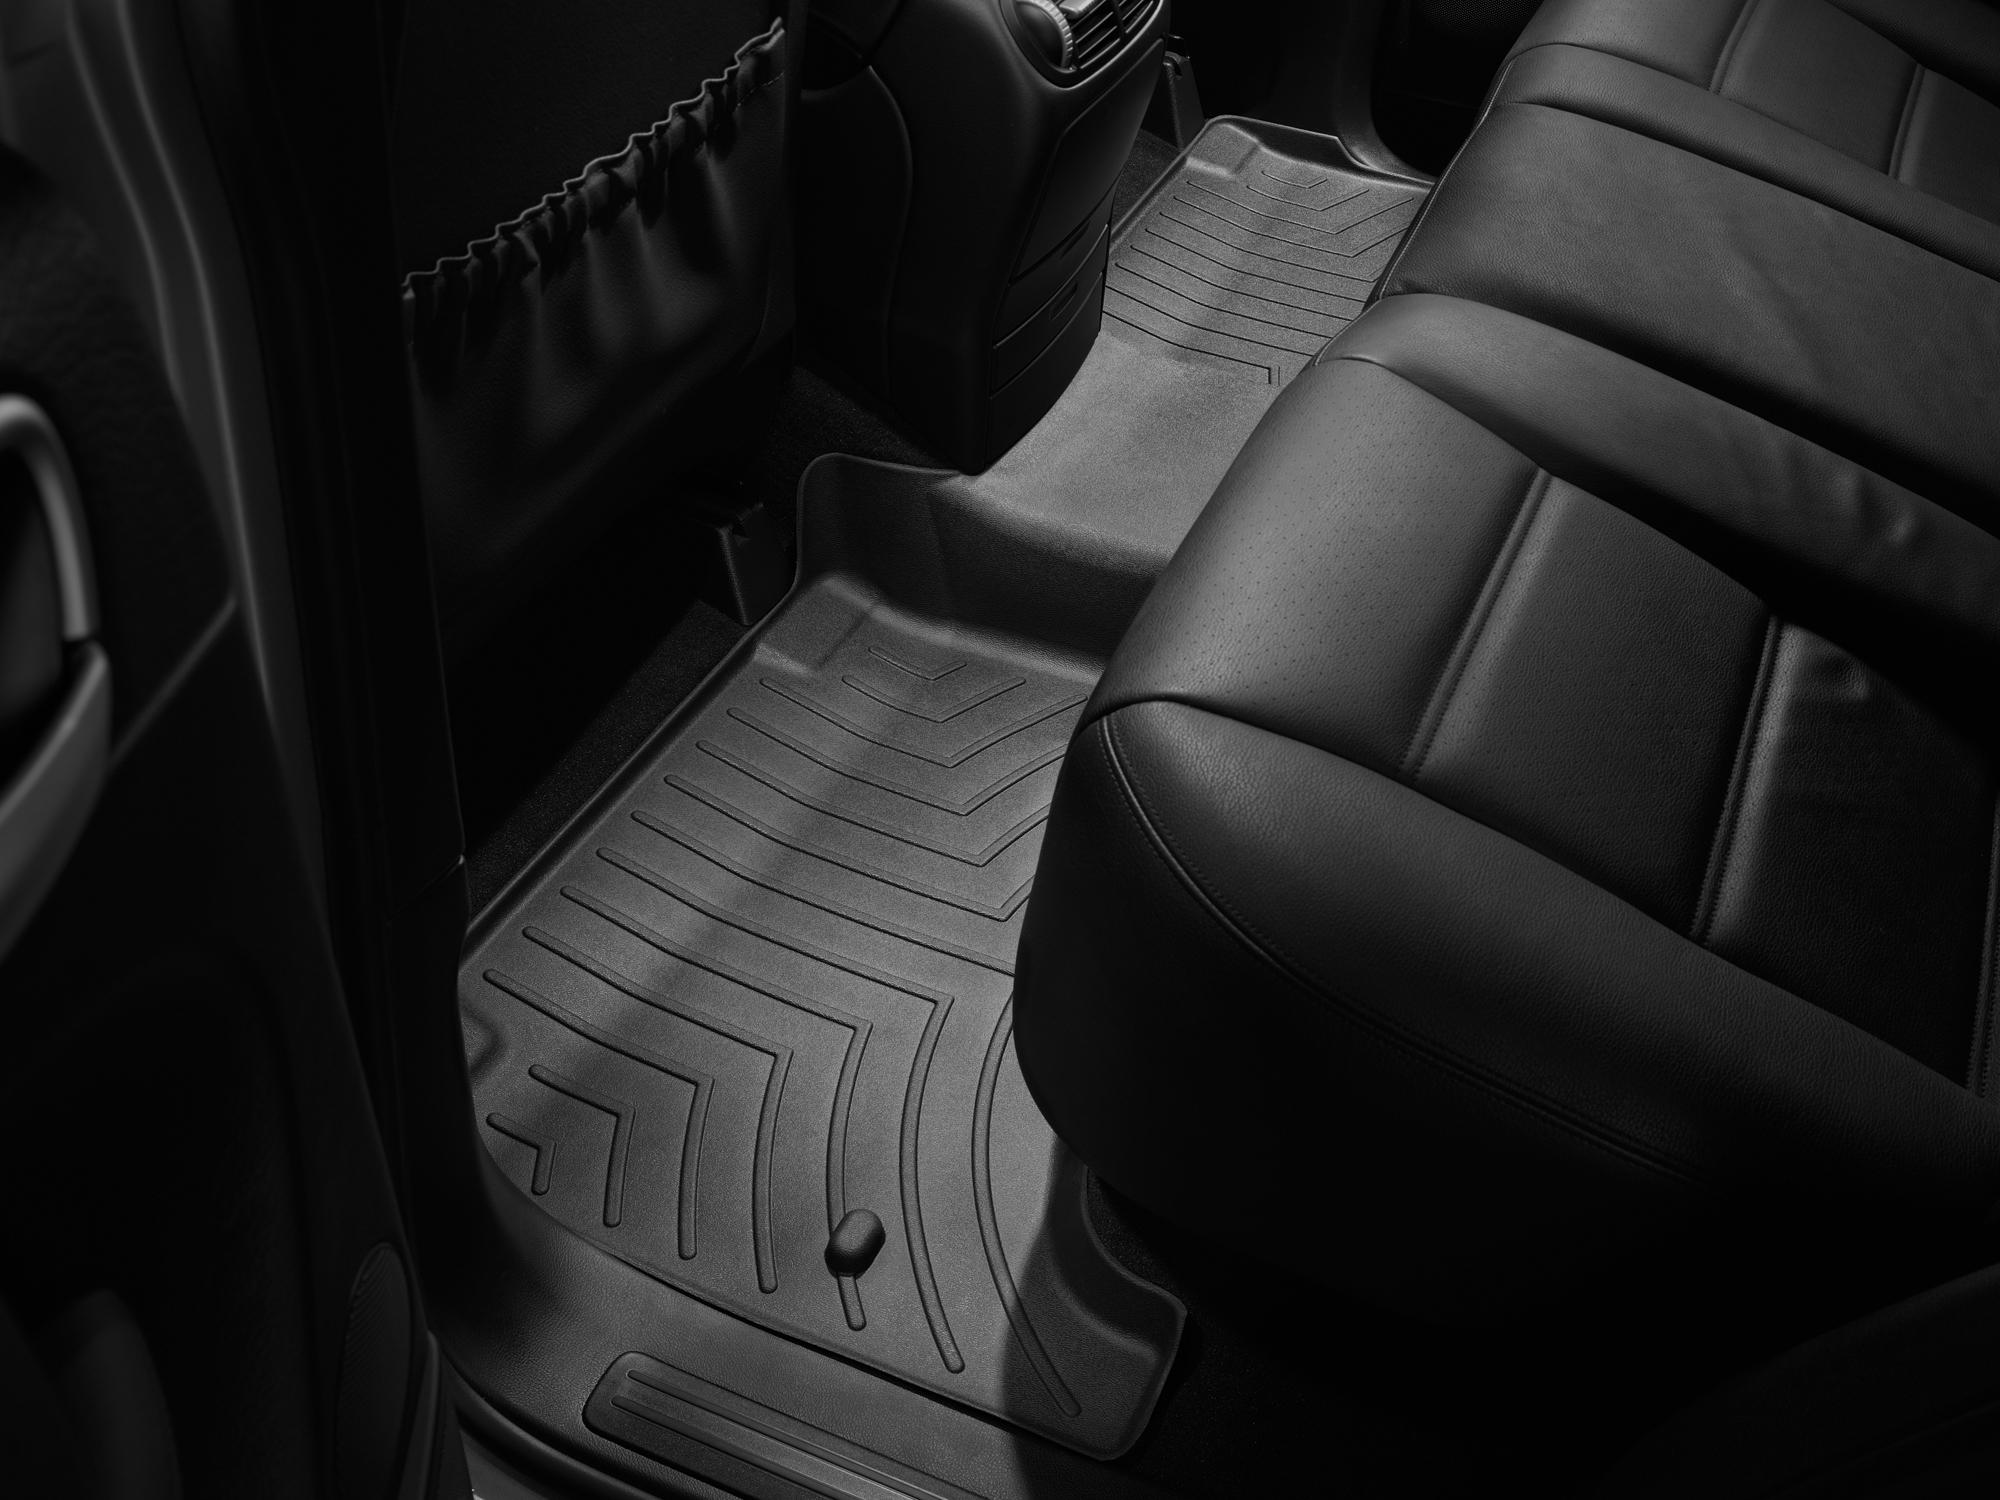 Tappeti gomma su misura bordo alto Volkswagen Touareg 09>09 Nero A4309*